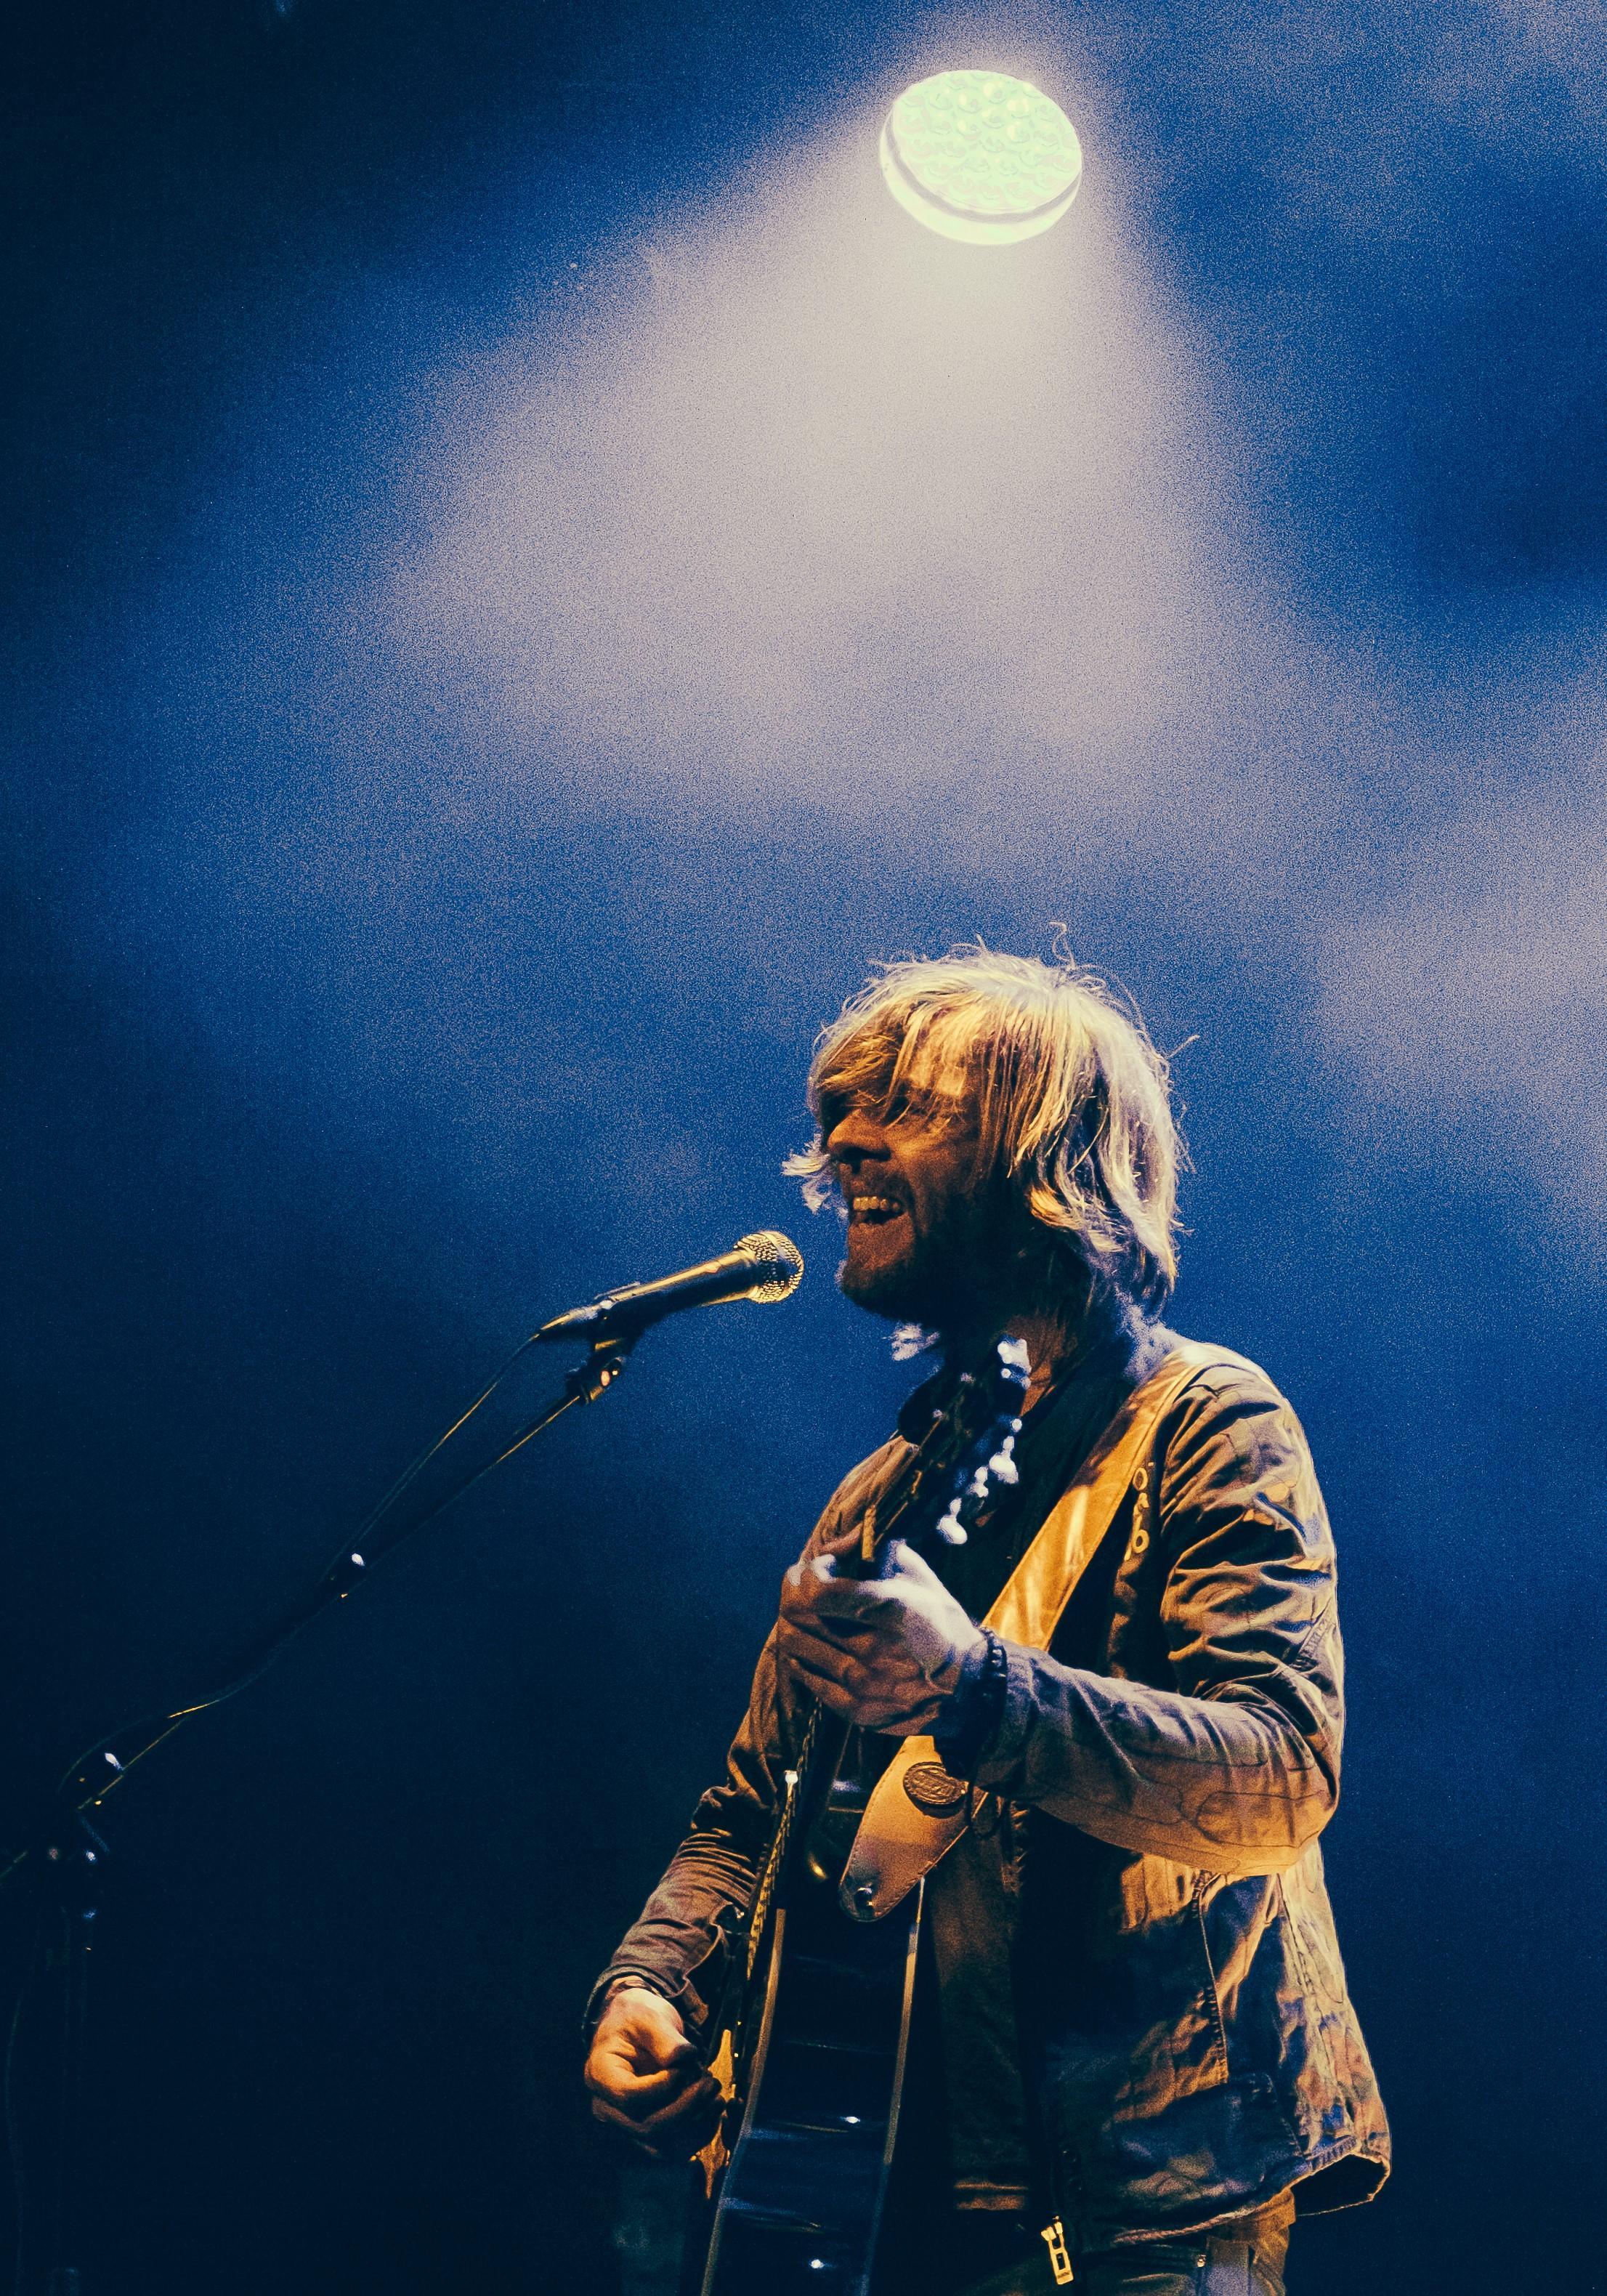 Johan Keeman zingt in caféopstelling in Bovenkarspel en presenteert nieuwe single: 'Positieve kijk op thuis zijn, zonder coronavirus te noemen'